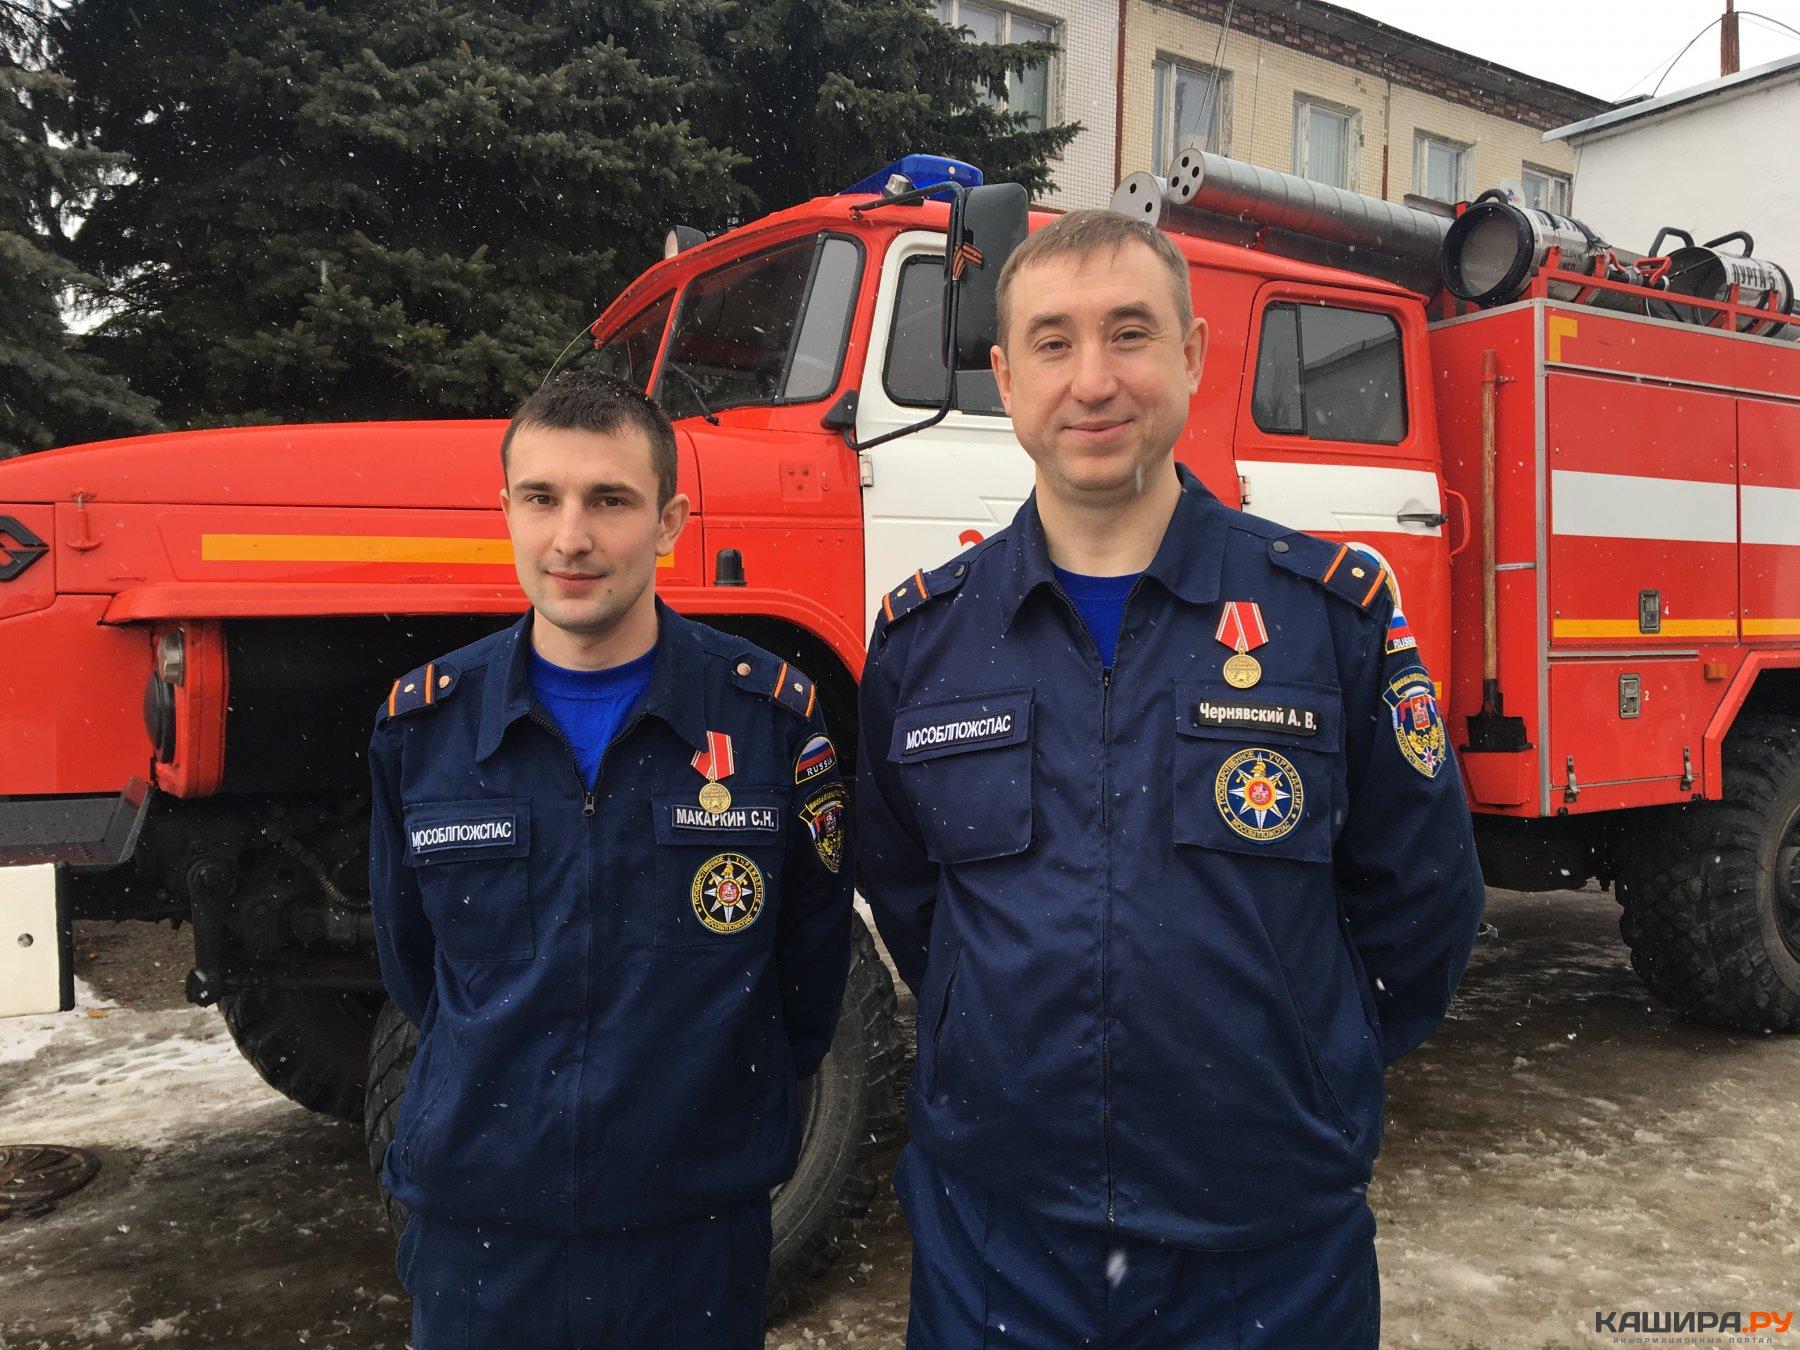 начальник пожарной части вязьма фото сотрудников хотя